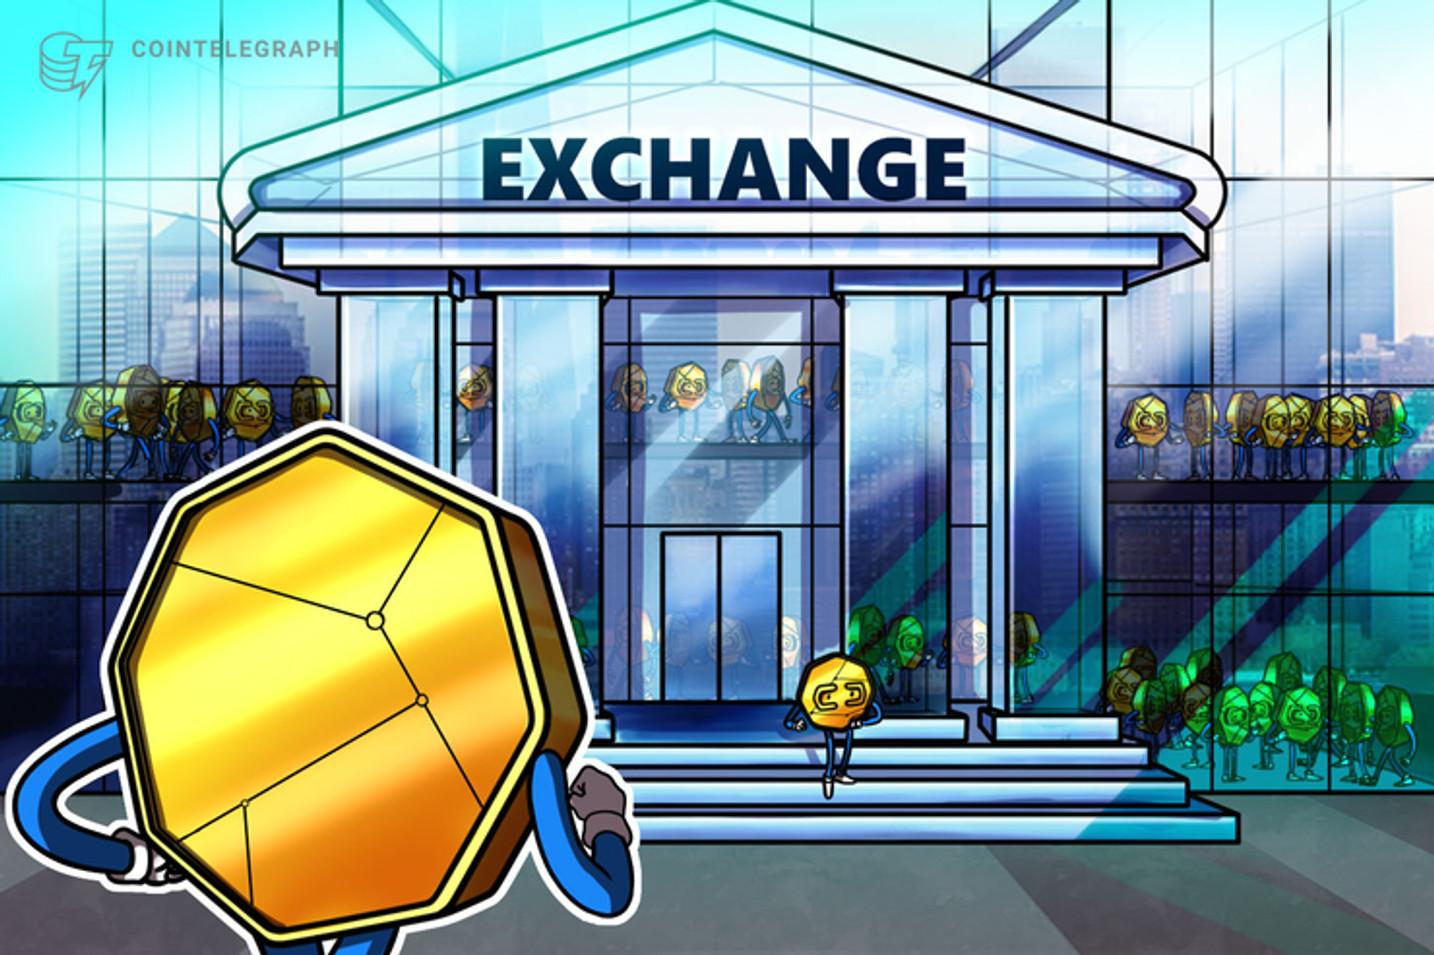 最大150倍レバレッジで取引可能な仮想通貨取引所「Coin&Coin」